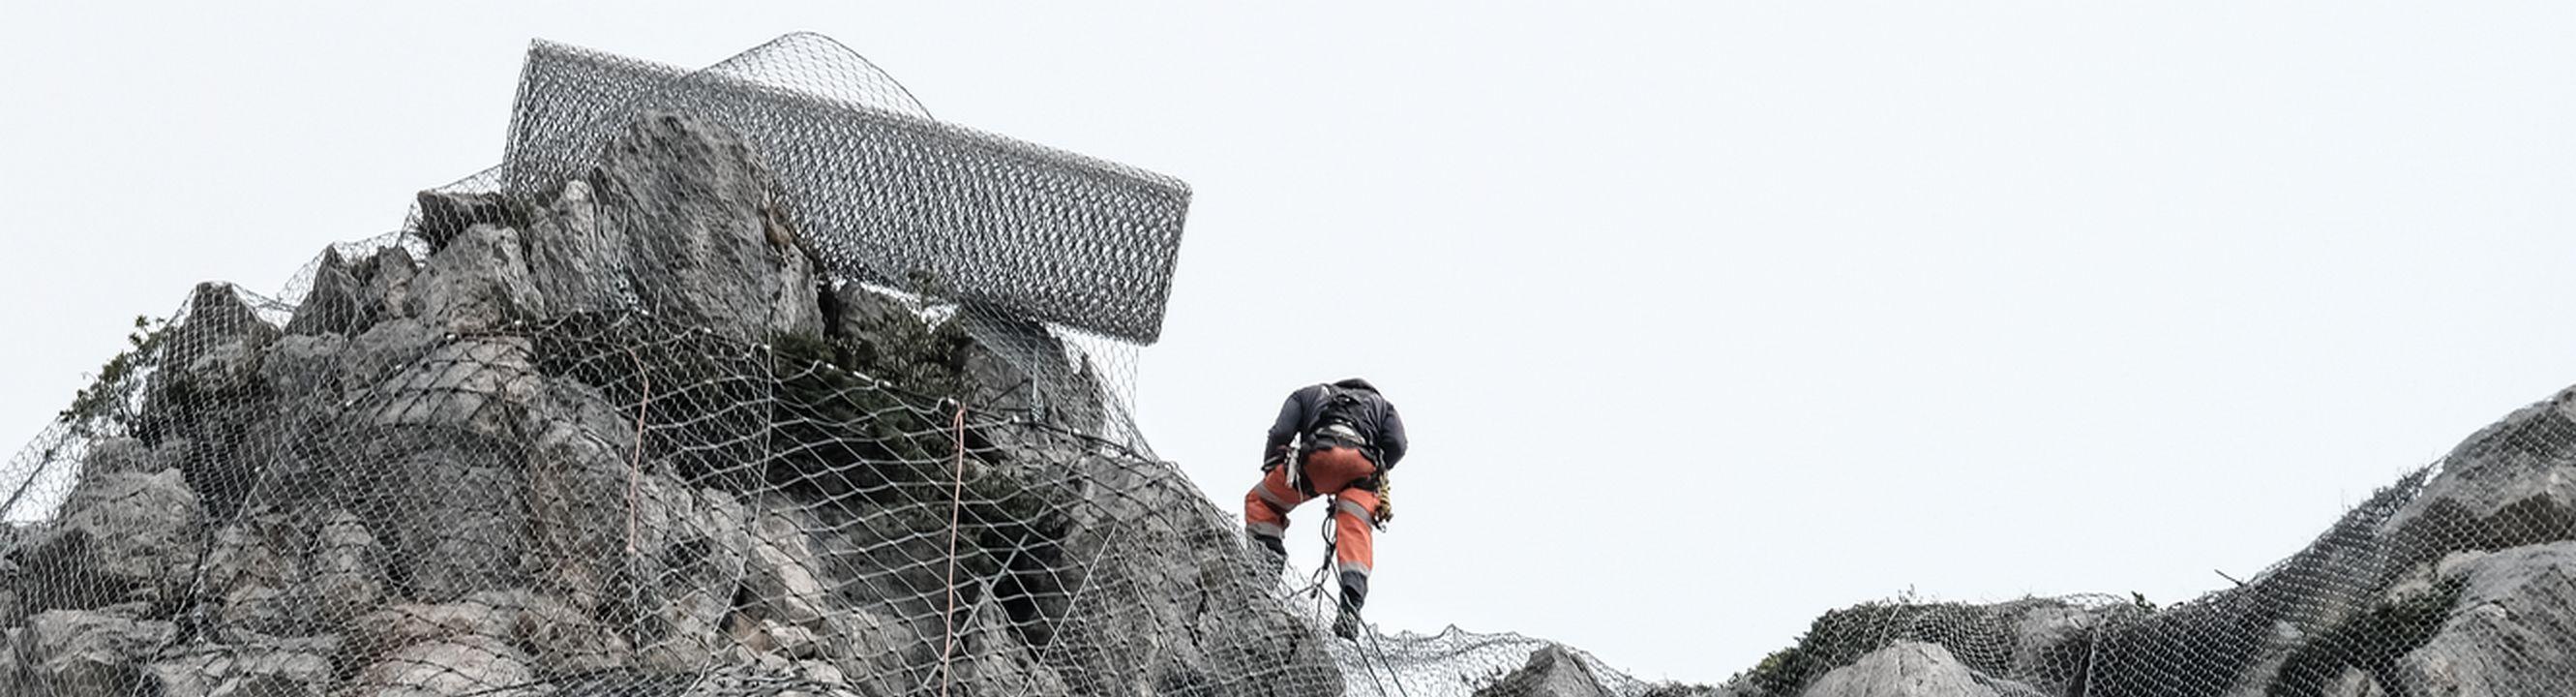 technicien cordiste tp 01 ain forage ferraillage maçonnerie tetra